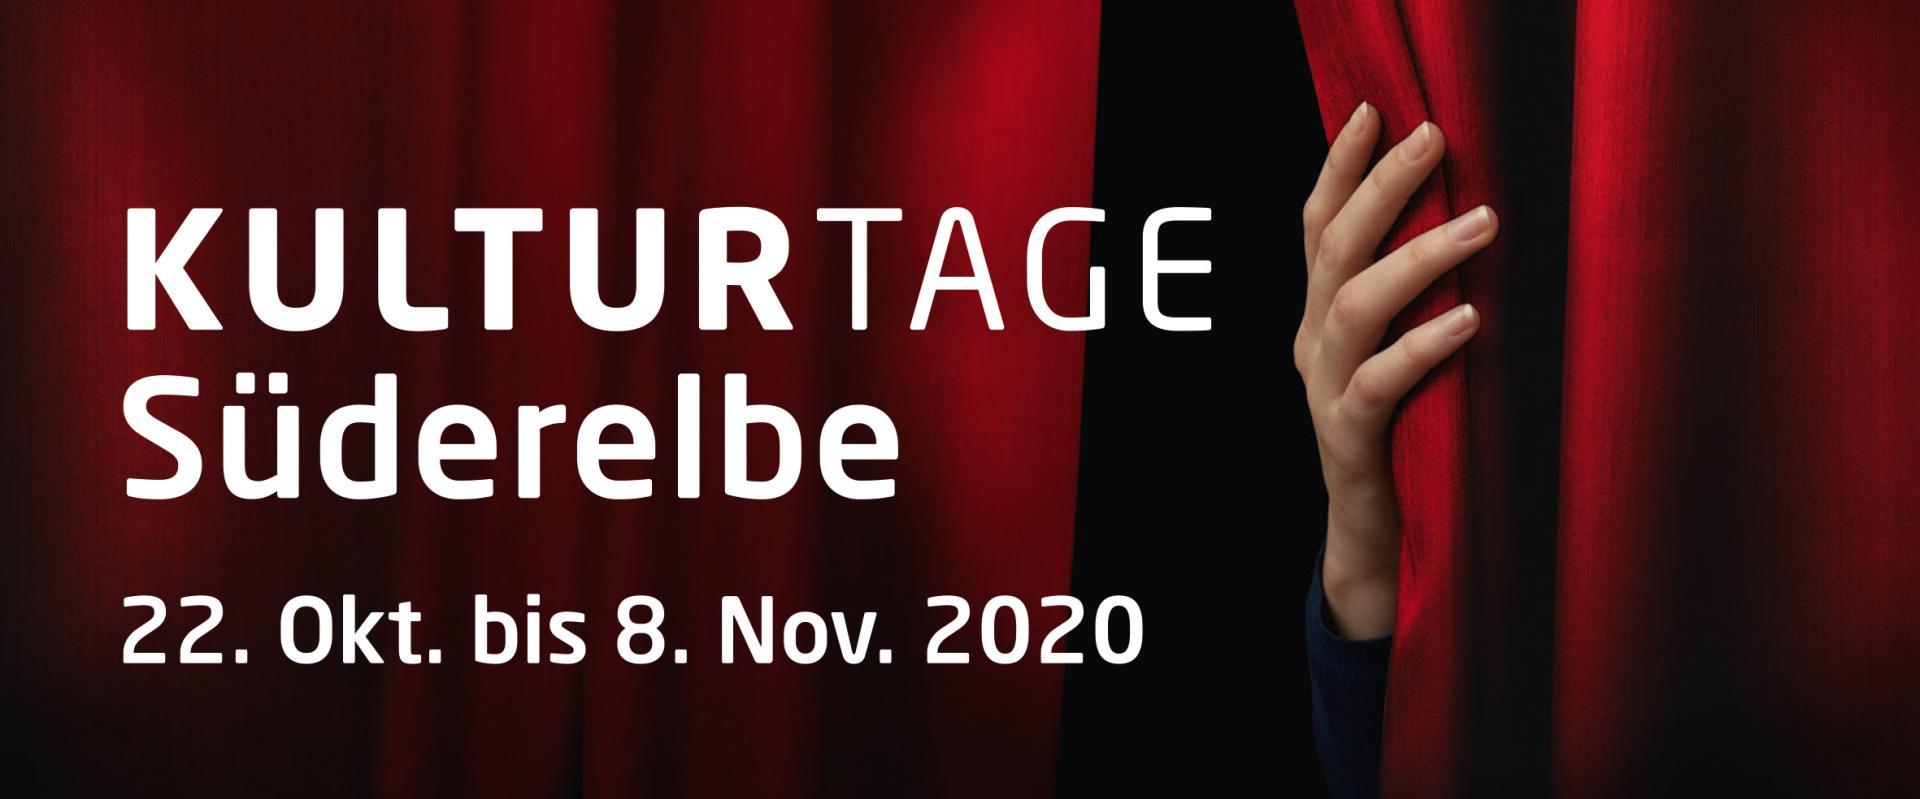 Kultutage 2020